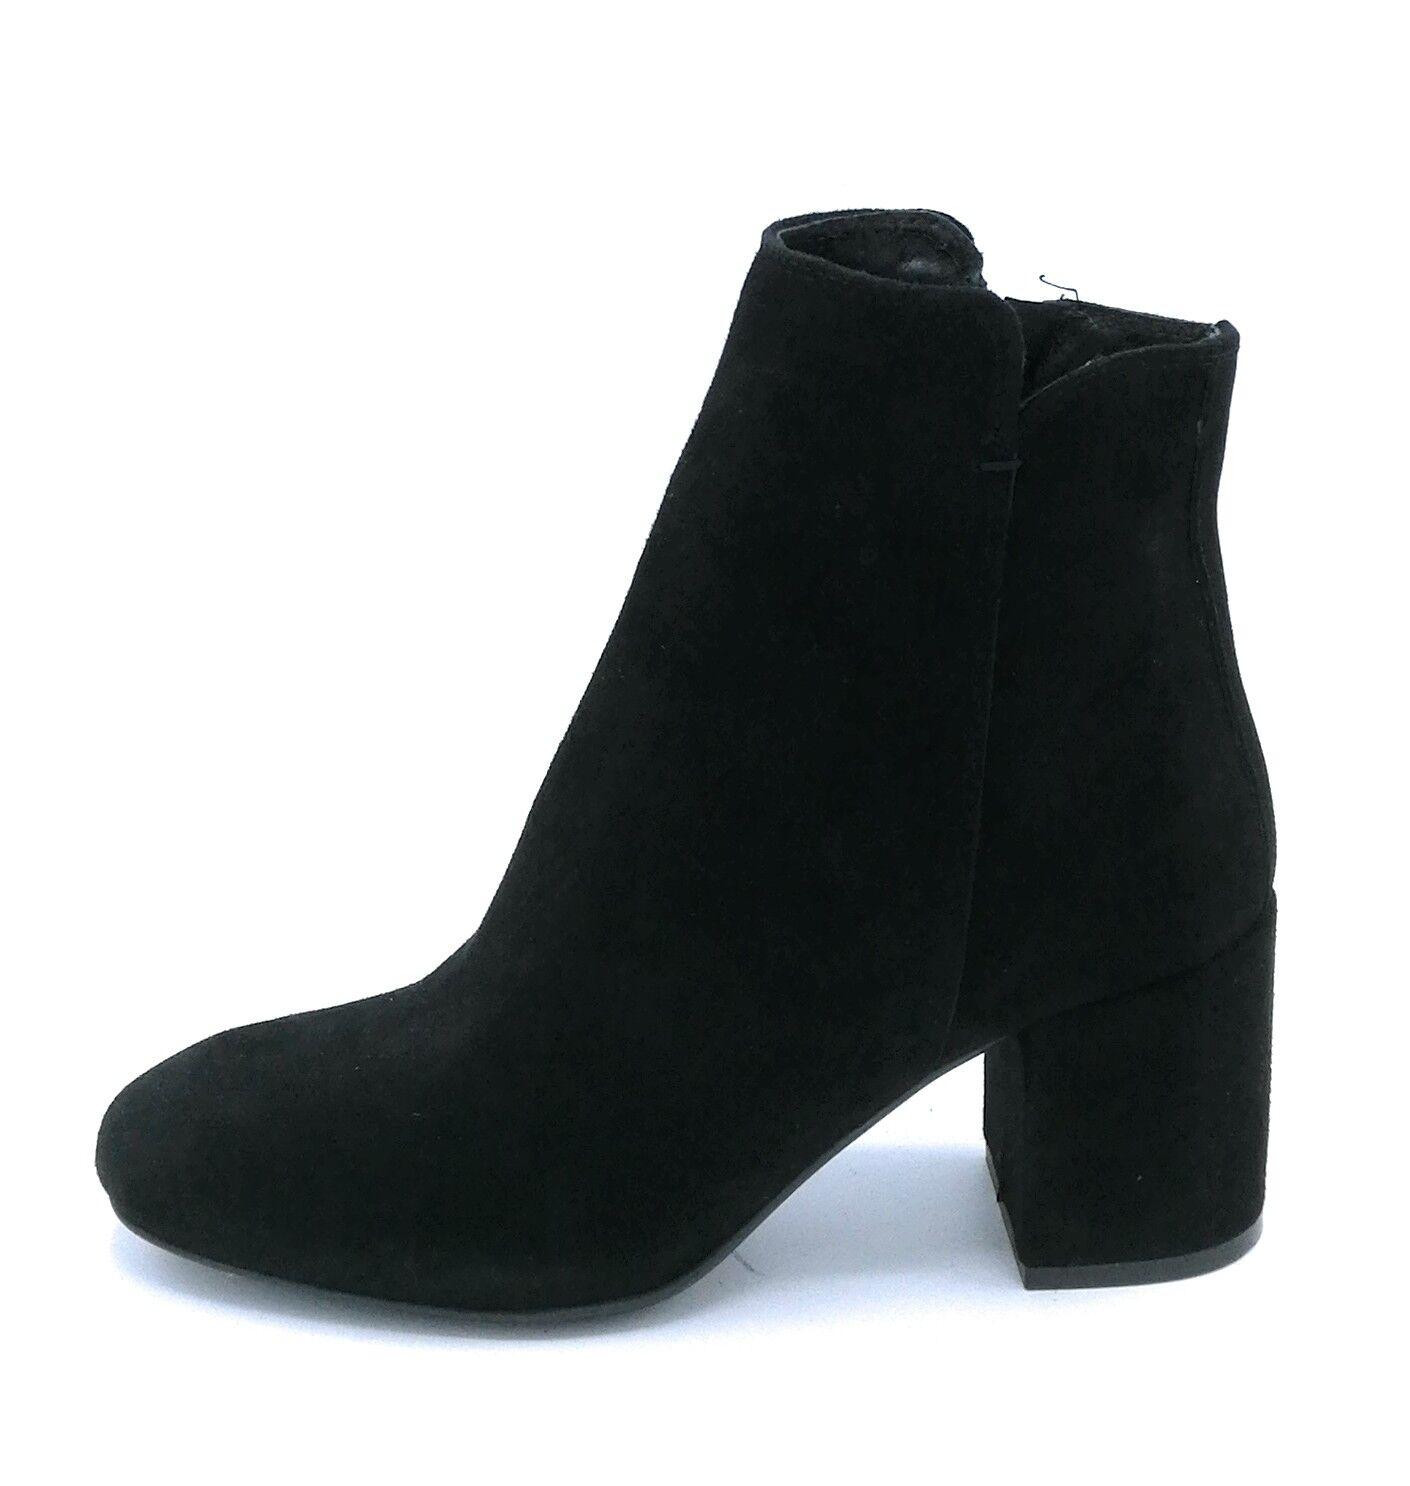 Debutto Donna D700 stivaletto camoscio nero con cerniera tacco 7 cm